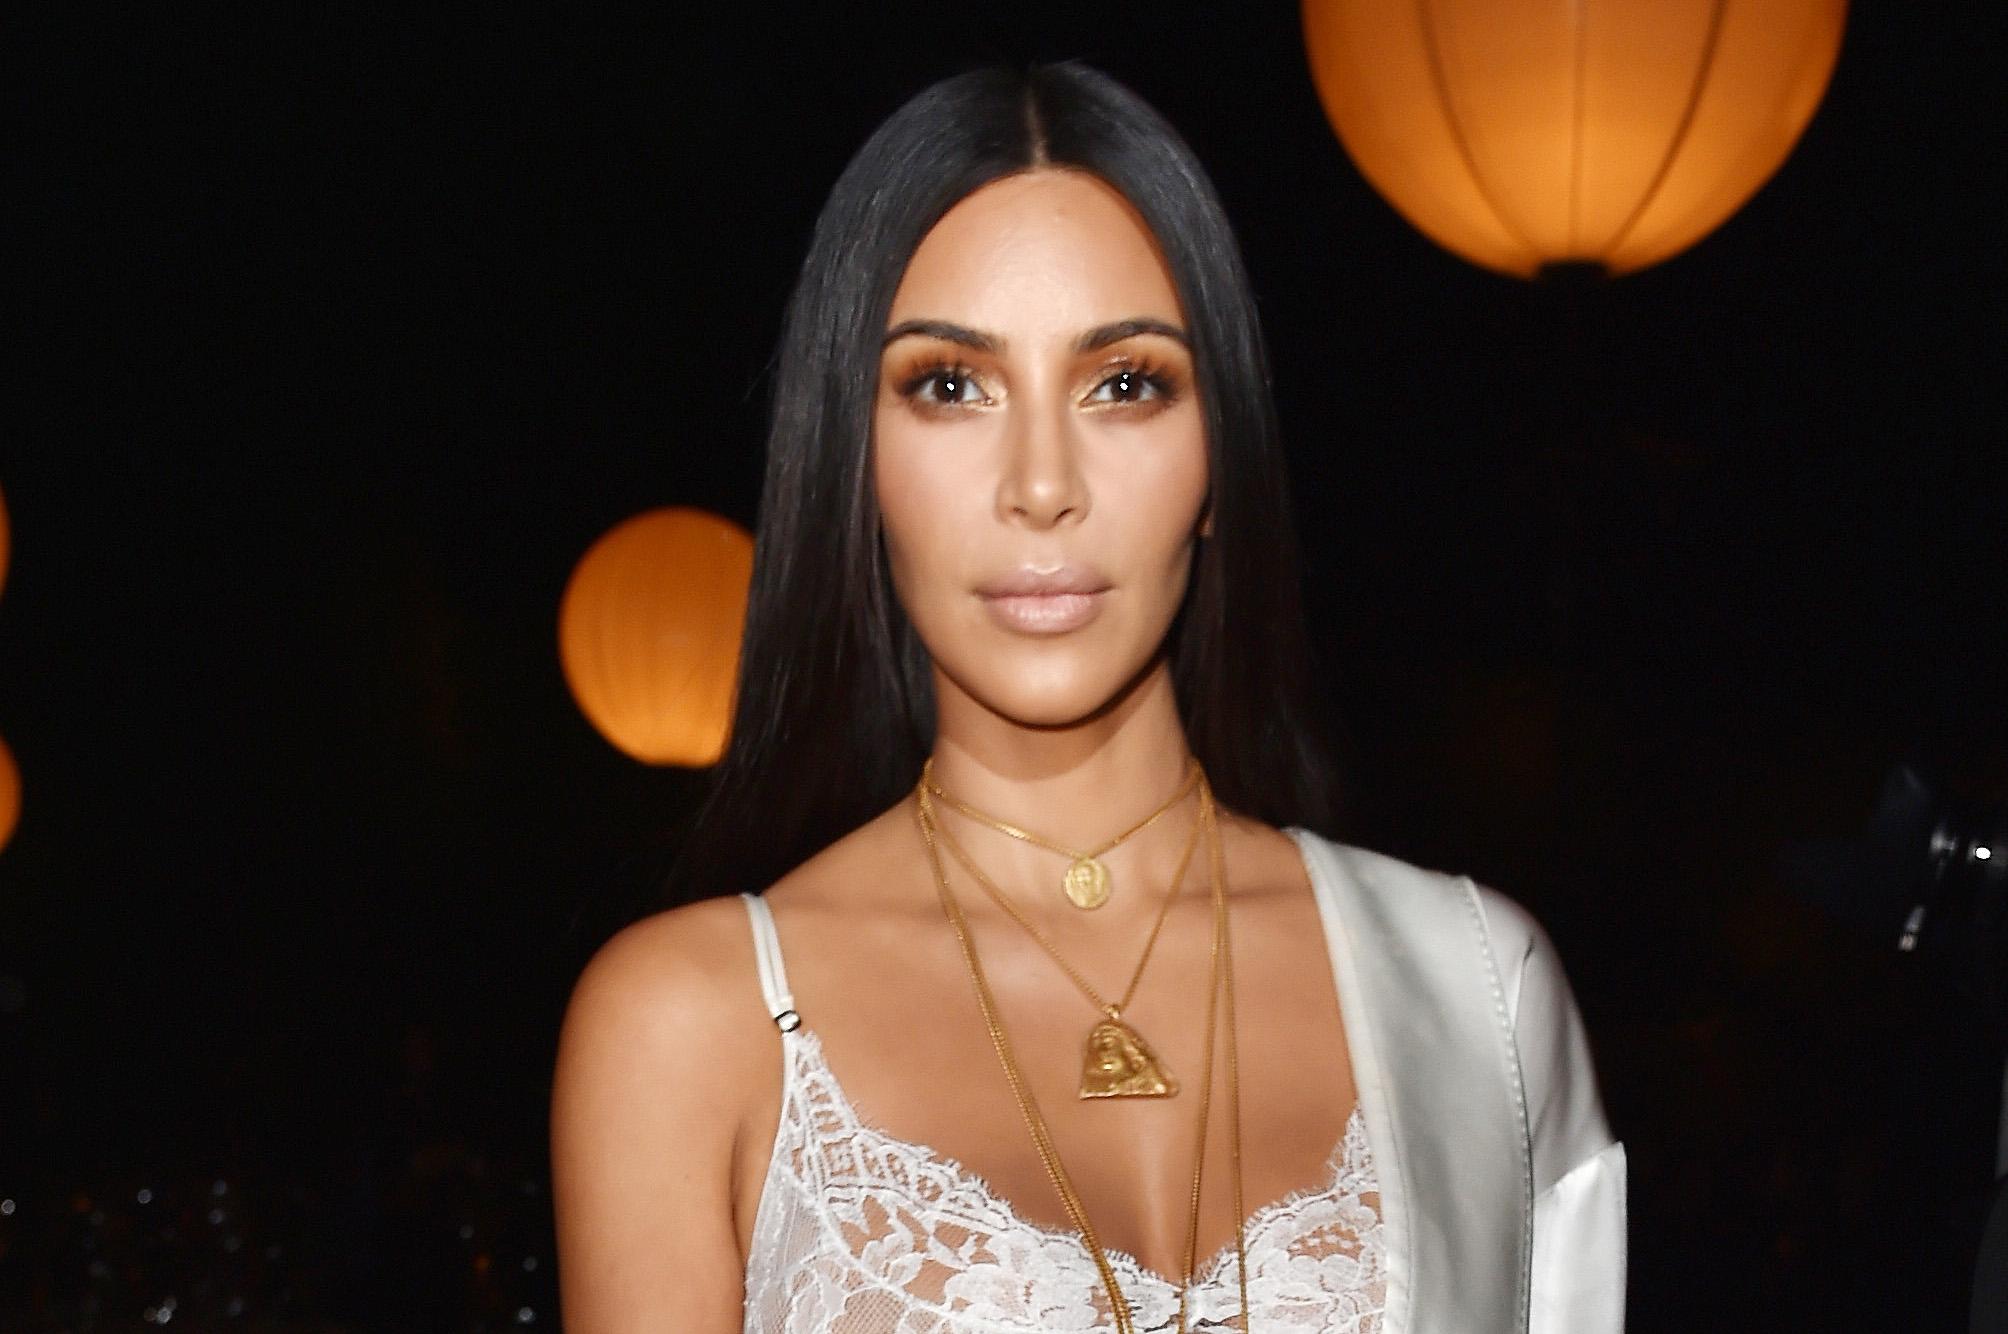 Ким Кардашьян показала новые снимки с дня рождения своей племянницы Сторми